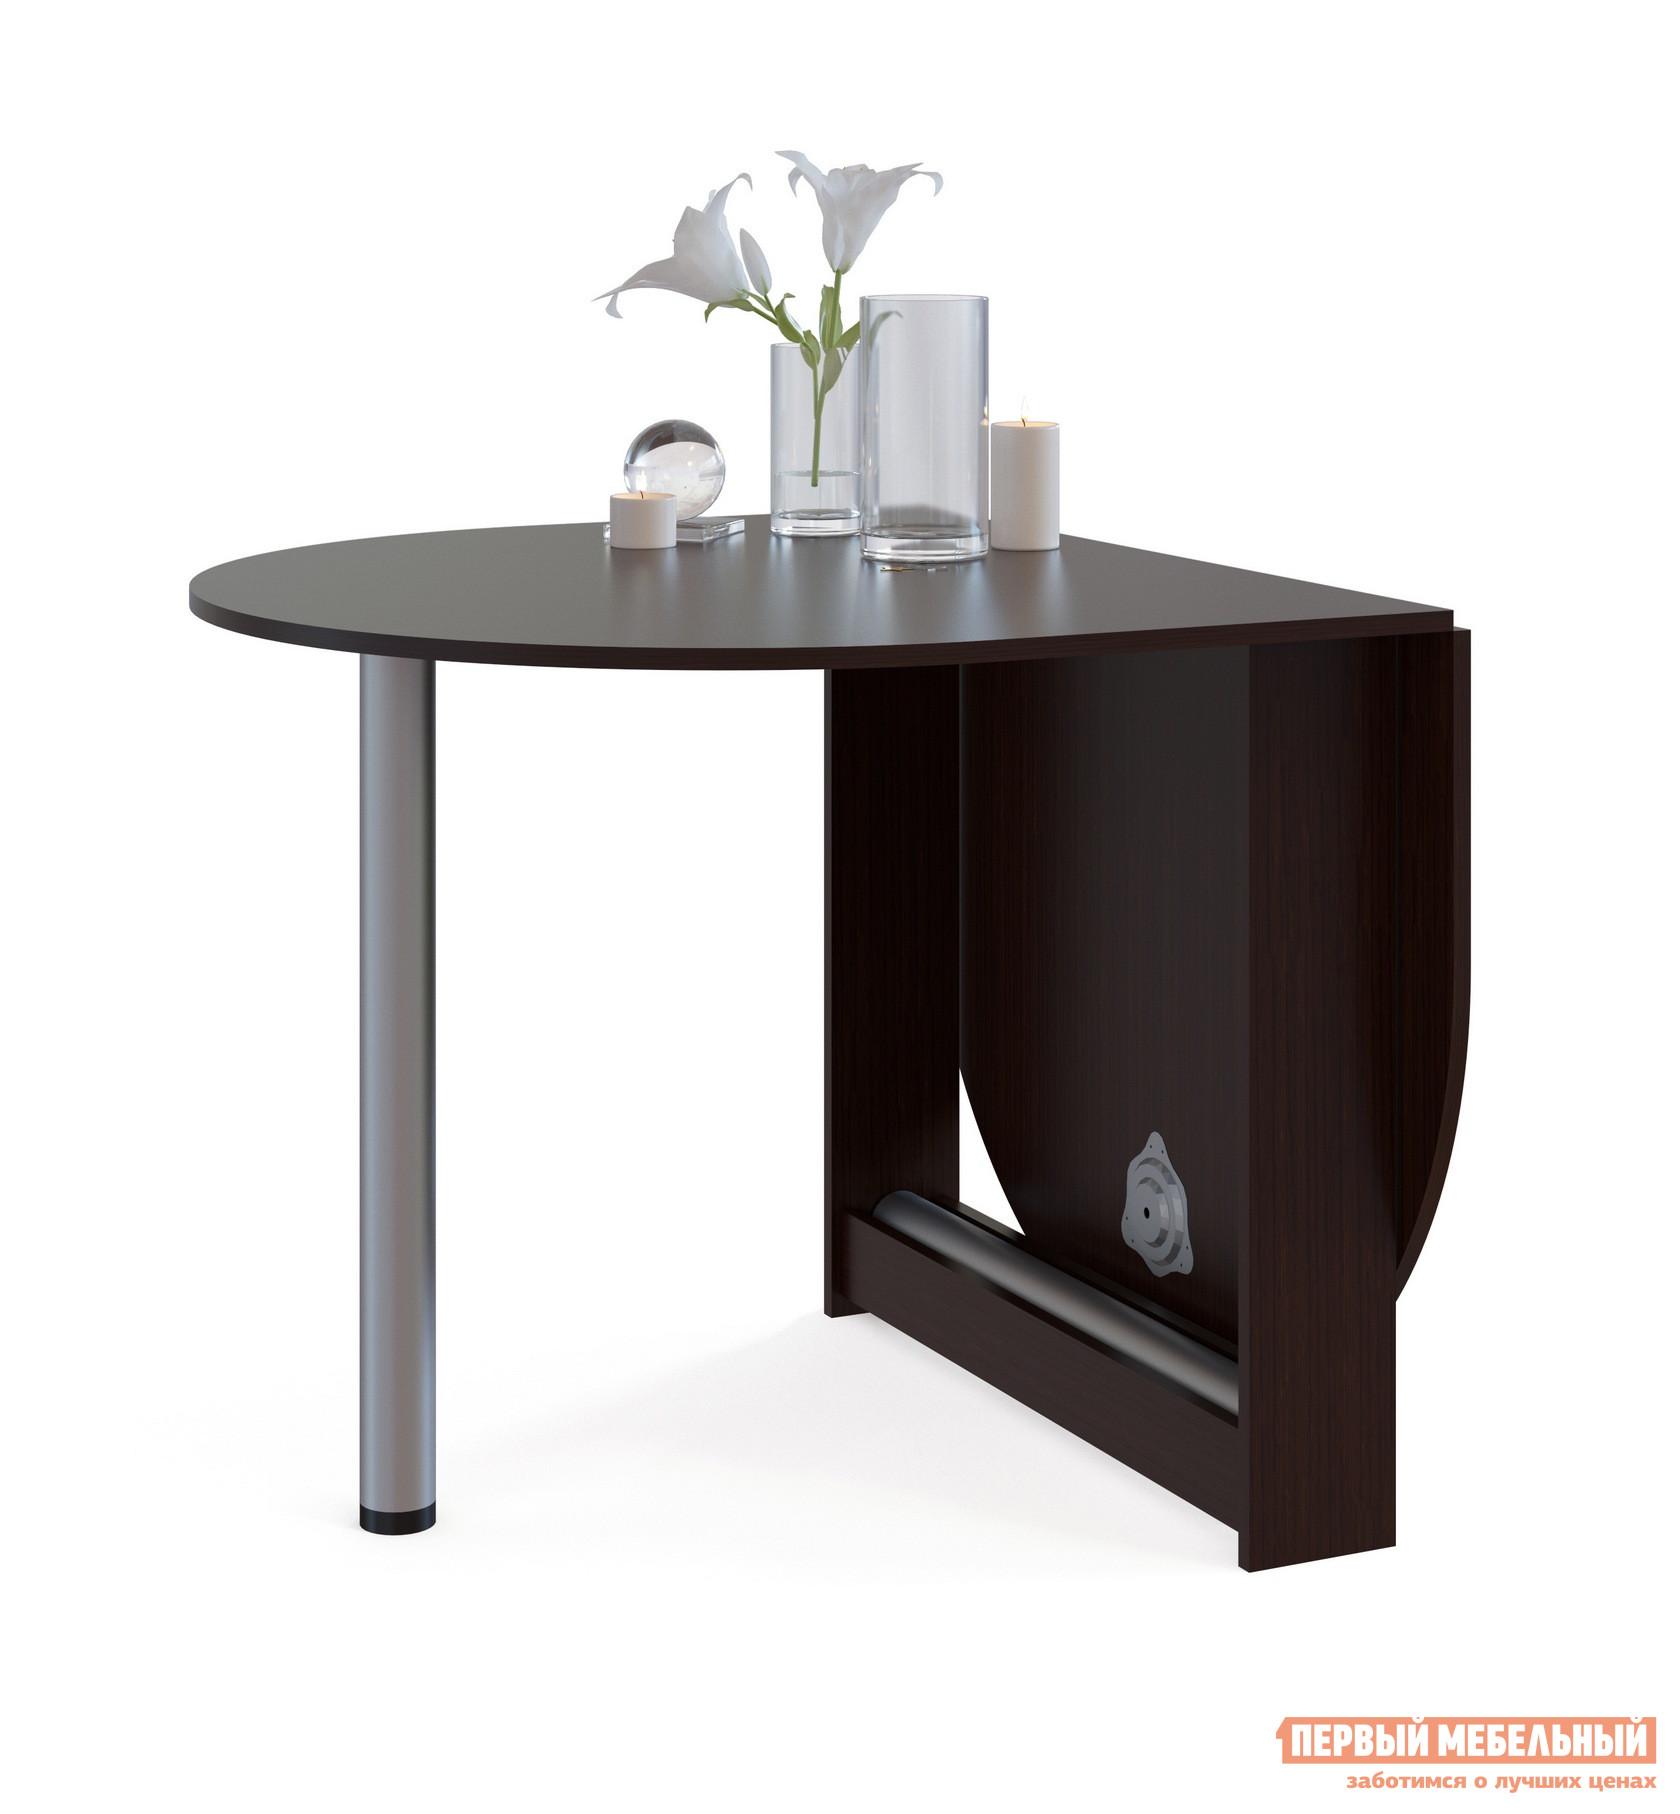 Стол-книжка Сокол СП-12 ВенгеСтолы-книжки<br>Габаритные размеры ВхШхГ 740x860 / 1548x900 мм. Небольшой овальный стол-книжка с откидной столешницей.  Модель будет удобным элементом на небольшой кухне в квартире или в дачном домике.  Отсутствие углов у столешницы снижает травмоопасность.  При необходимости размеры столешницы можно увеличить, подняв крыло и прикрутив к нему ножку.  В сложенном состоянии ножка хранится в специальной нише в основании стола. Ширина столешницы в разложенном состоянии — 1548 мм, в сложенном — 860 мм. Обратите внимание! Стол складывается только на половину.  То есть вы не сможете сложить его в узкую тумбу и спрятать. Изделие изготавливается из ЛДСП толщиной 16 мм, края обработаны кромкой ПВХ 0,4 мм.  Ножки — металлические. Рекомендуем сохранить инструкцию по сборке (паспорт изделия) до истечения гарантийного срока.<br><br>Цвет: Венге<br>Цвет: Венге<br>Высота мм: 740<br>Ширина мм: 860 / 1548<br>Глубина мм: 900<br>Кол-во упаковок: 1<br>Форма поставки: В разобранном виде<br>Срок гарантии: 2 года<br>Тип: Раскладные, Трансформер<br>Материал: Деревянные, из ЛДСП<br>Форма: Овальные<br>Размер: Маленькие<br>Особенности: С металлическими ножками